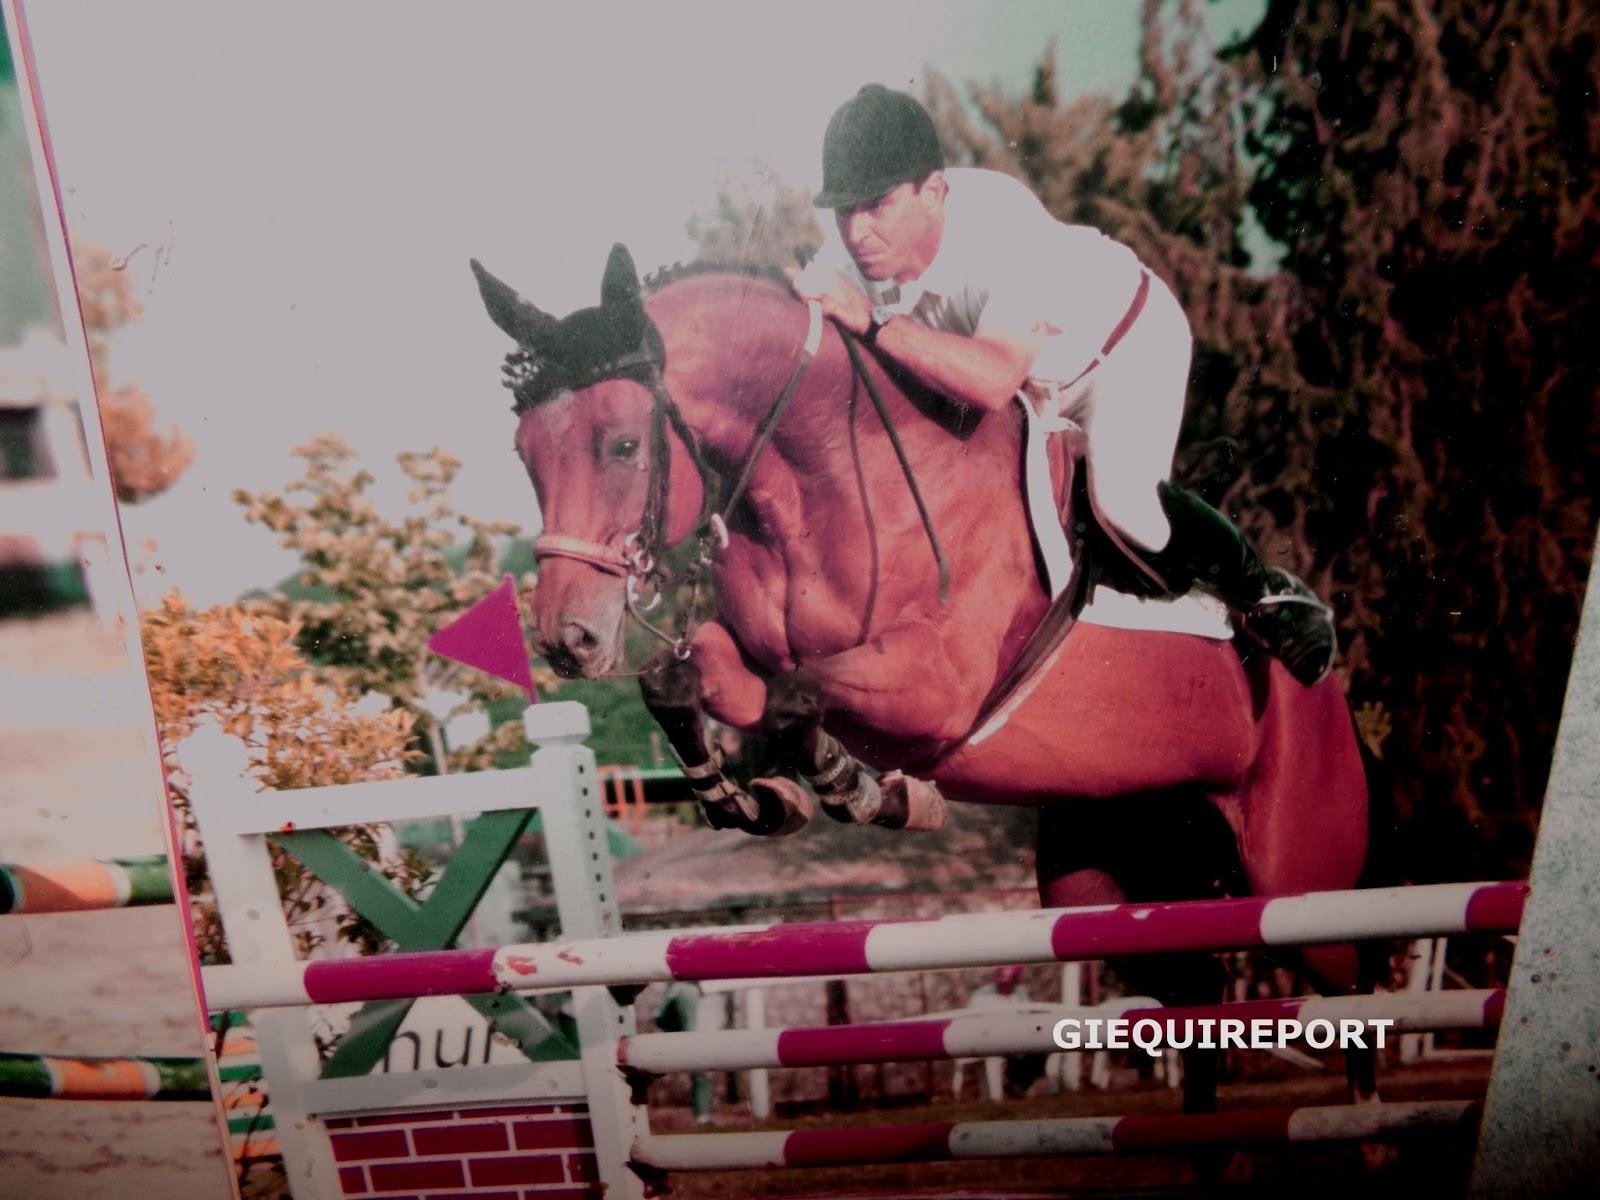 Giequireport deep in the equestrianism piero coata il - Avere un cavallo ...